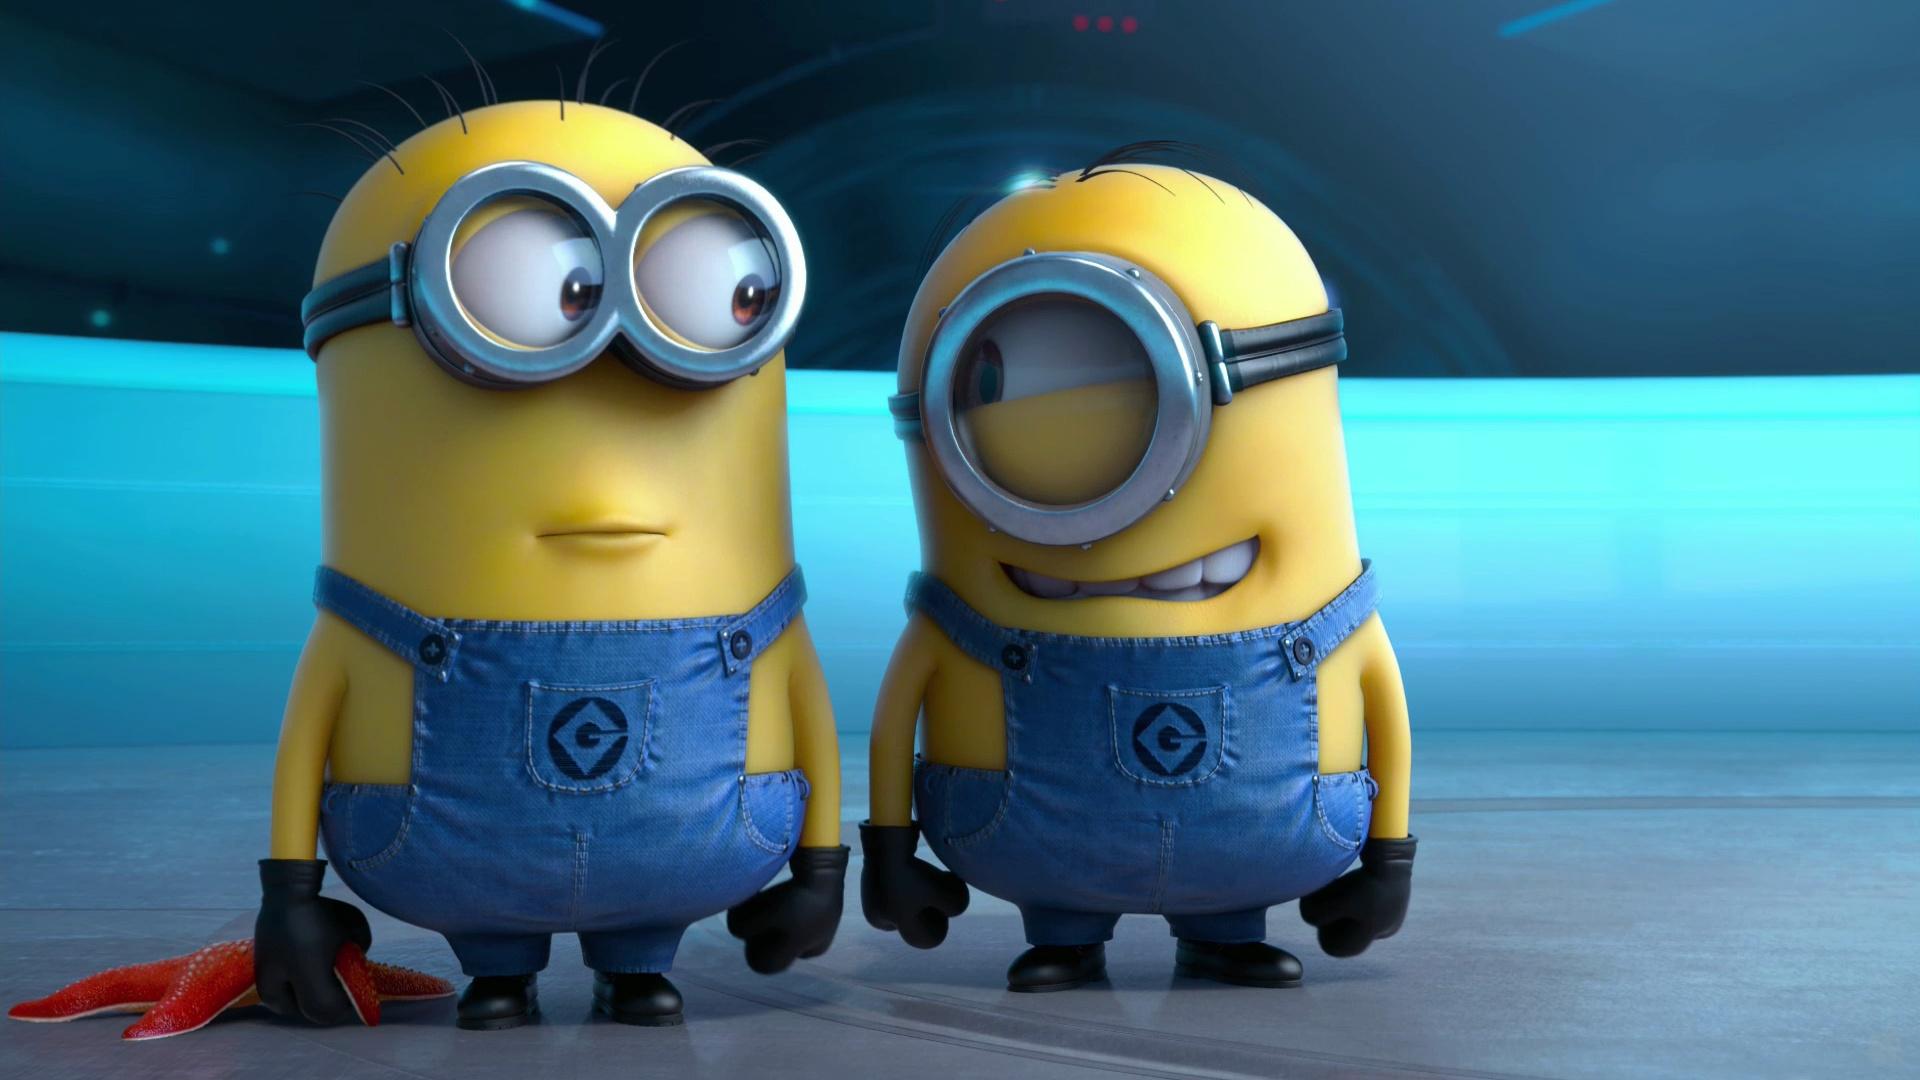 Whisper To Speak Minions - Whisper To Speak Minions